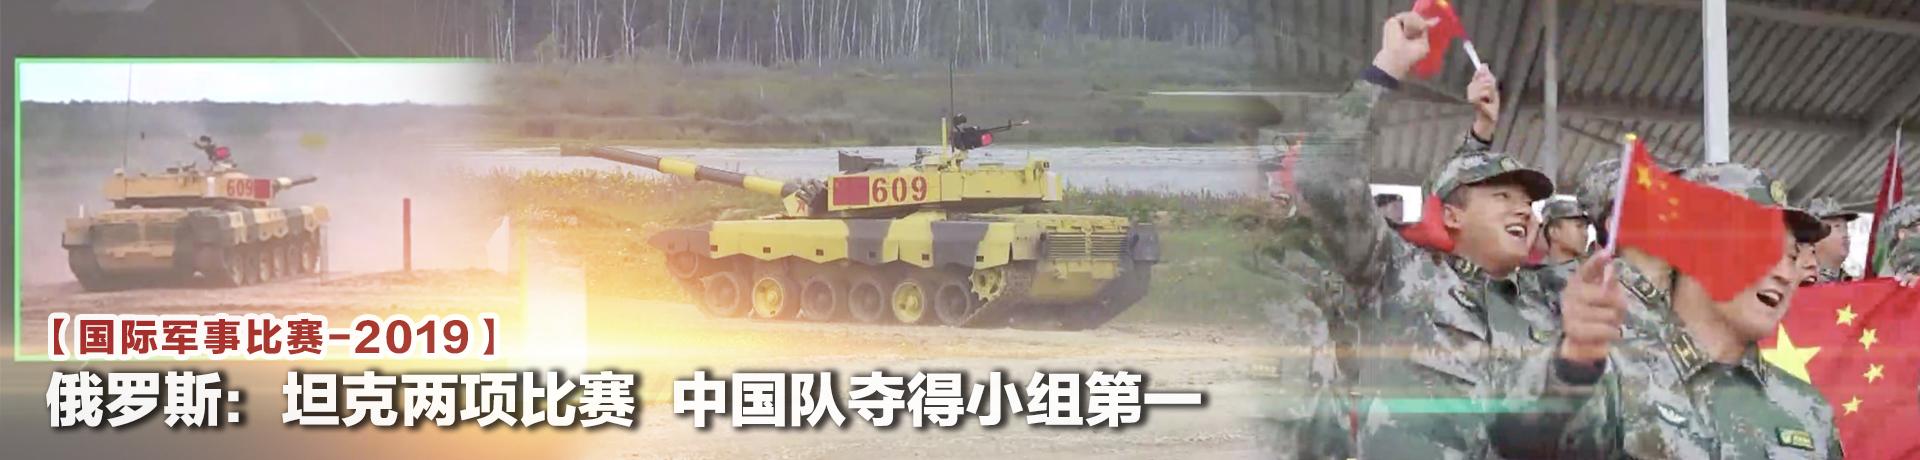 【國際軍事比賽-2019】俄羅斯:坦克兩項比賽 中國隊奪得小組第一